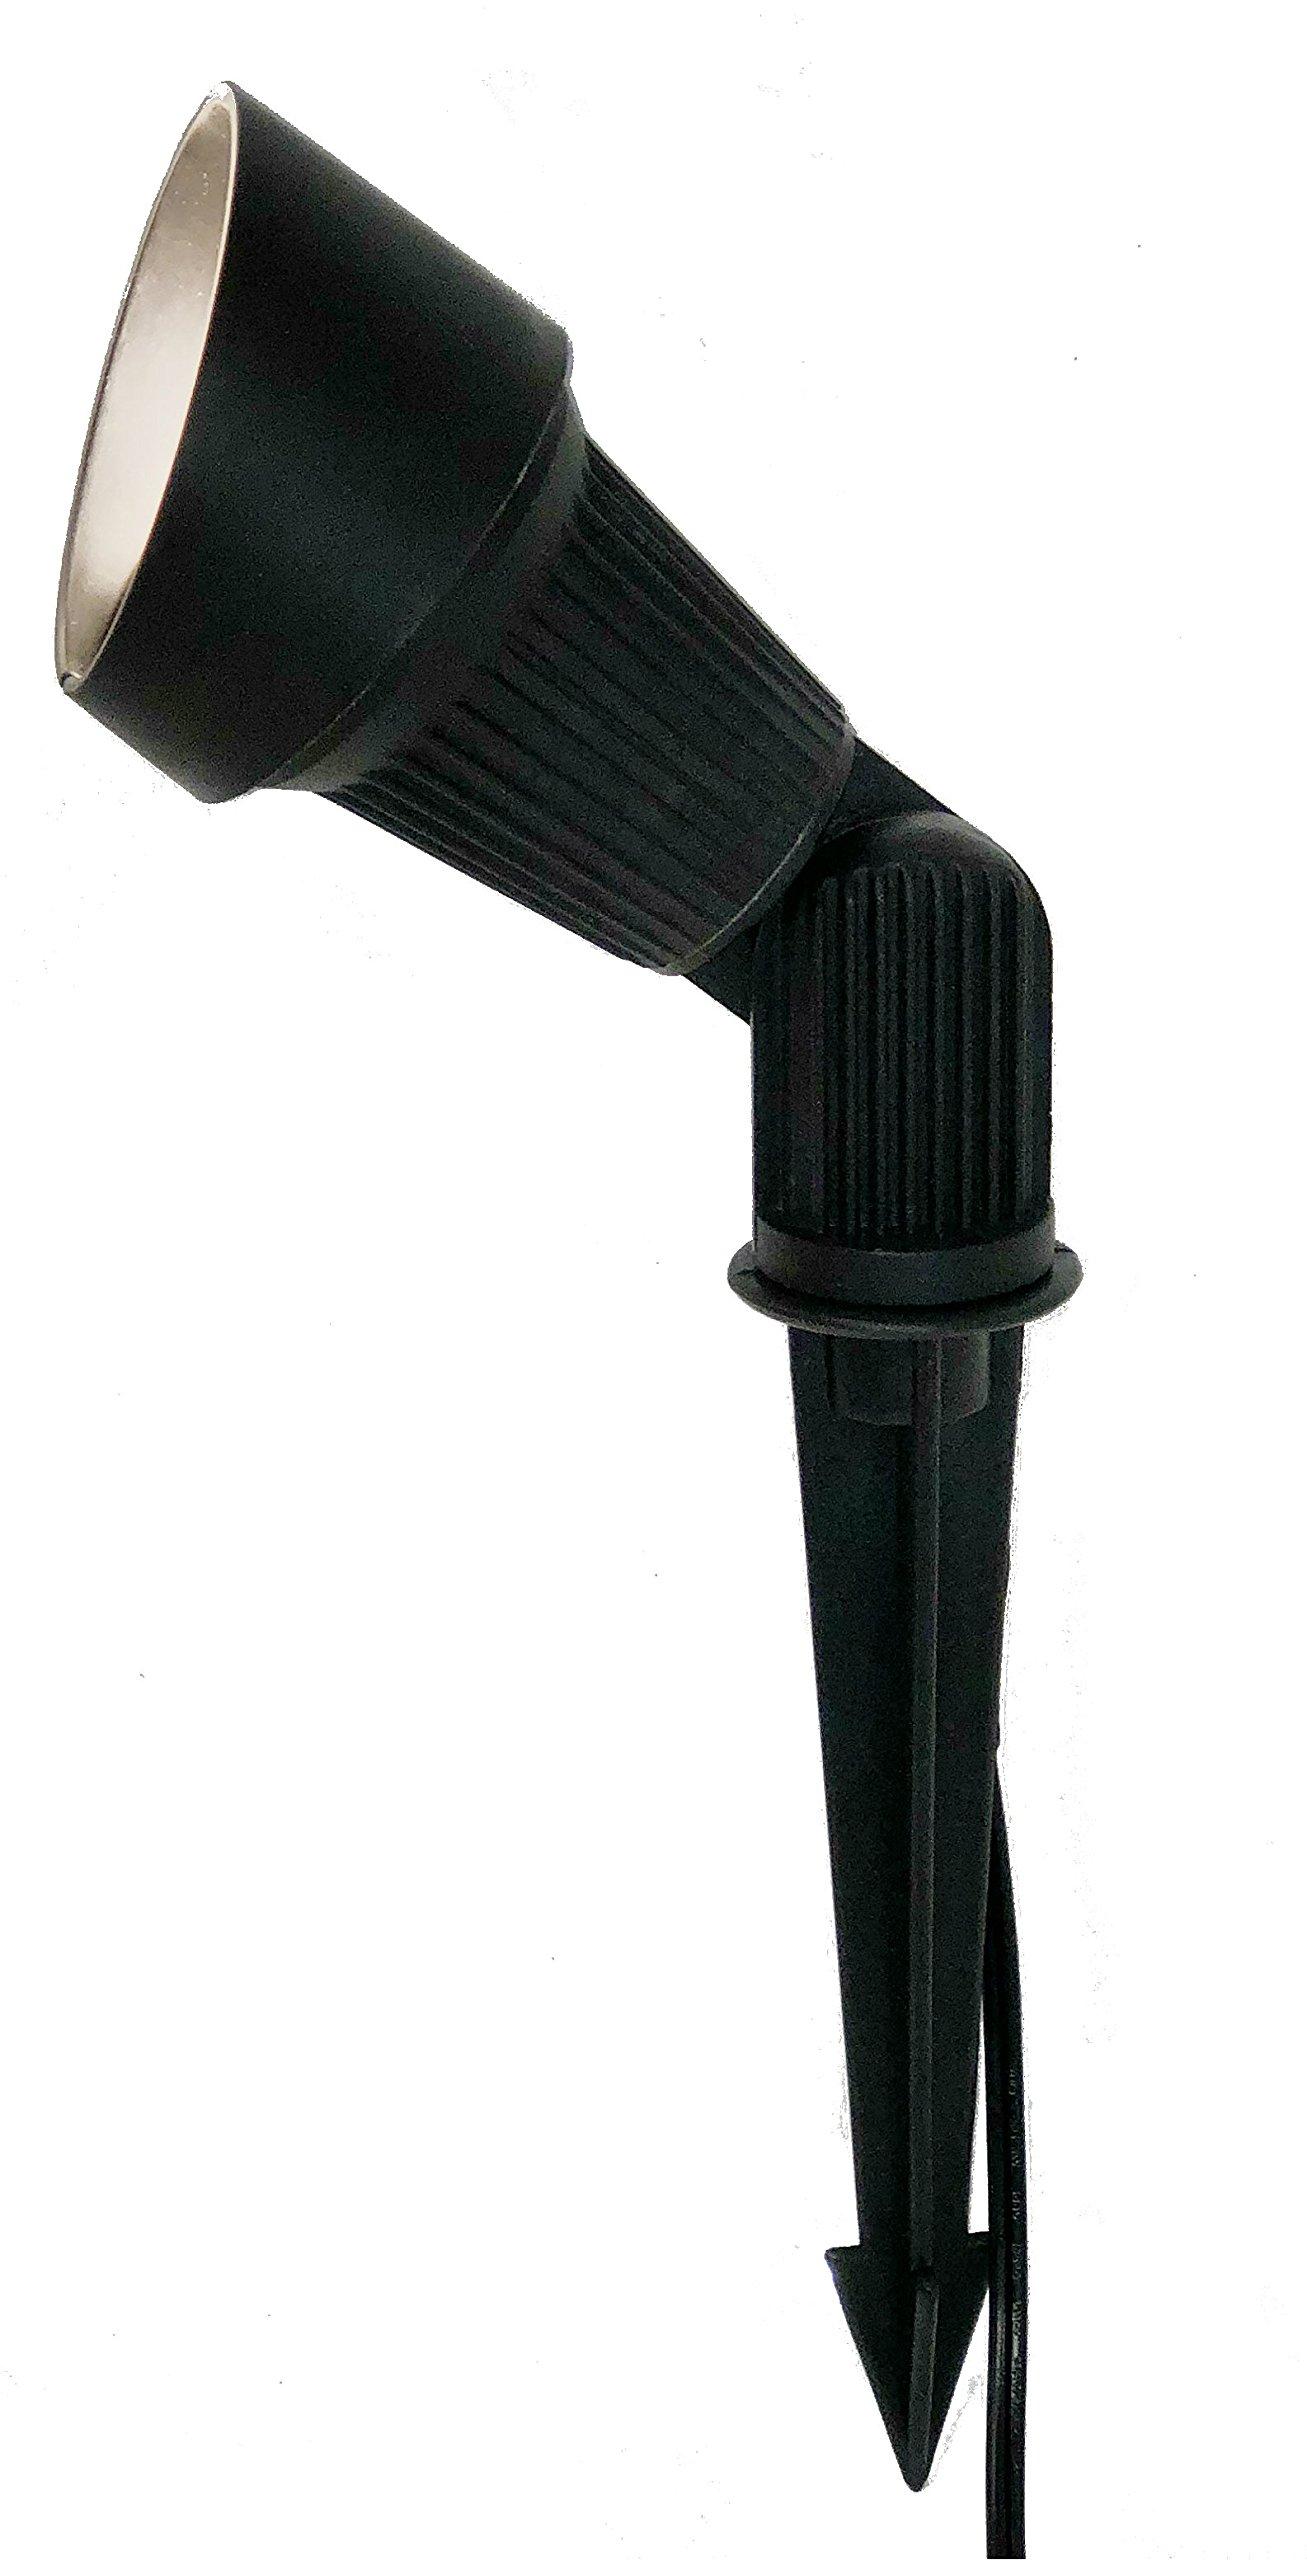 LED Landscape Lighting Fixture in Black (BPL-104)